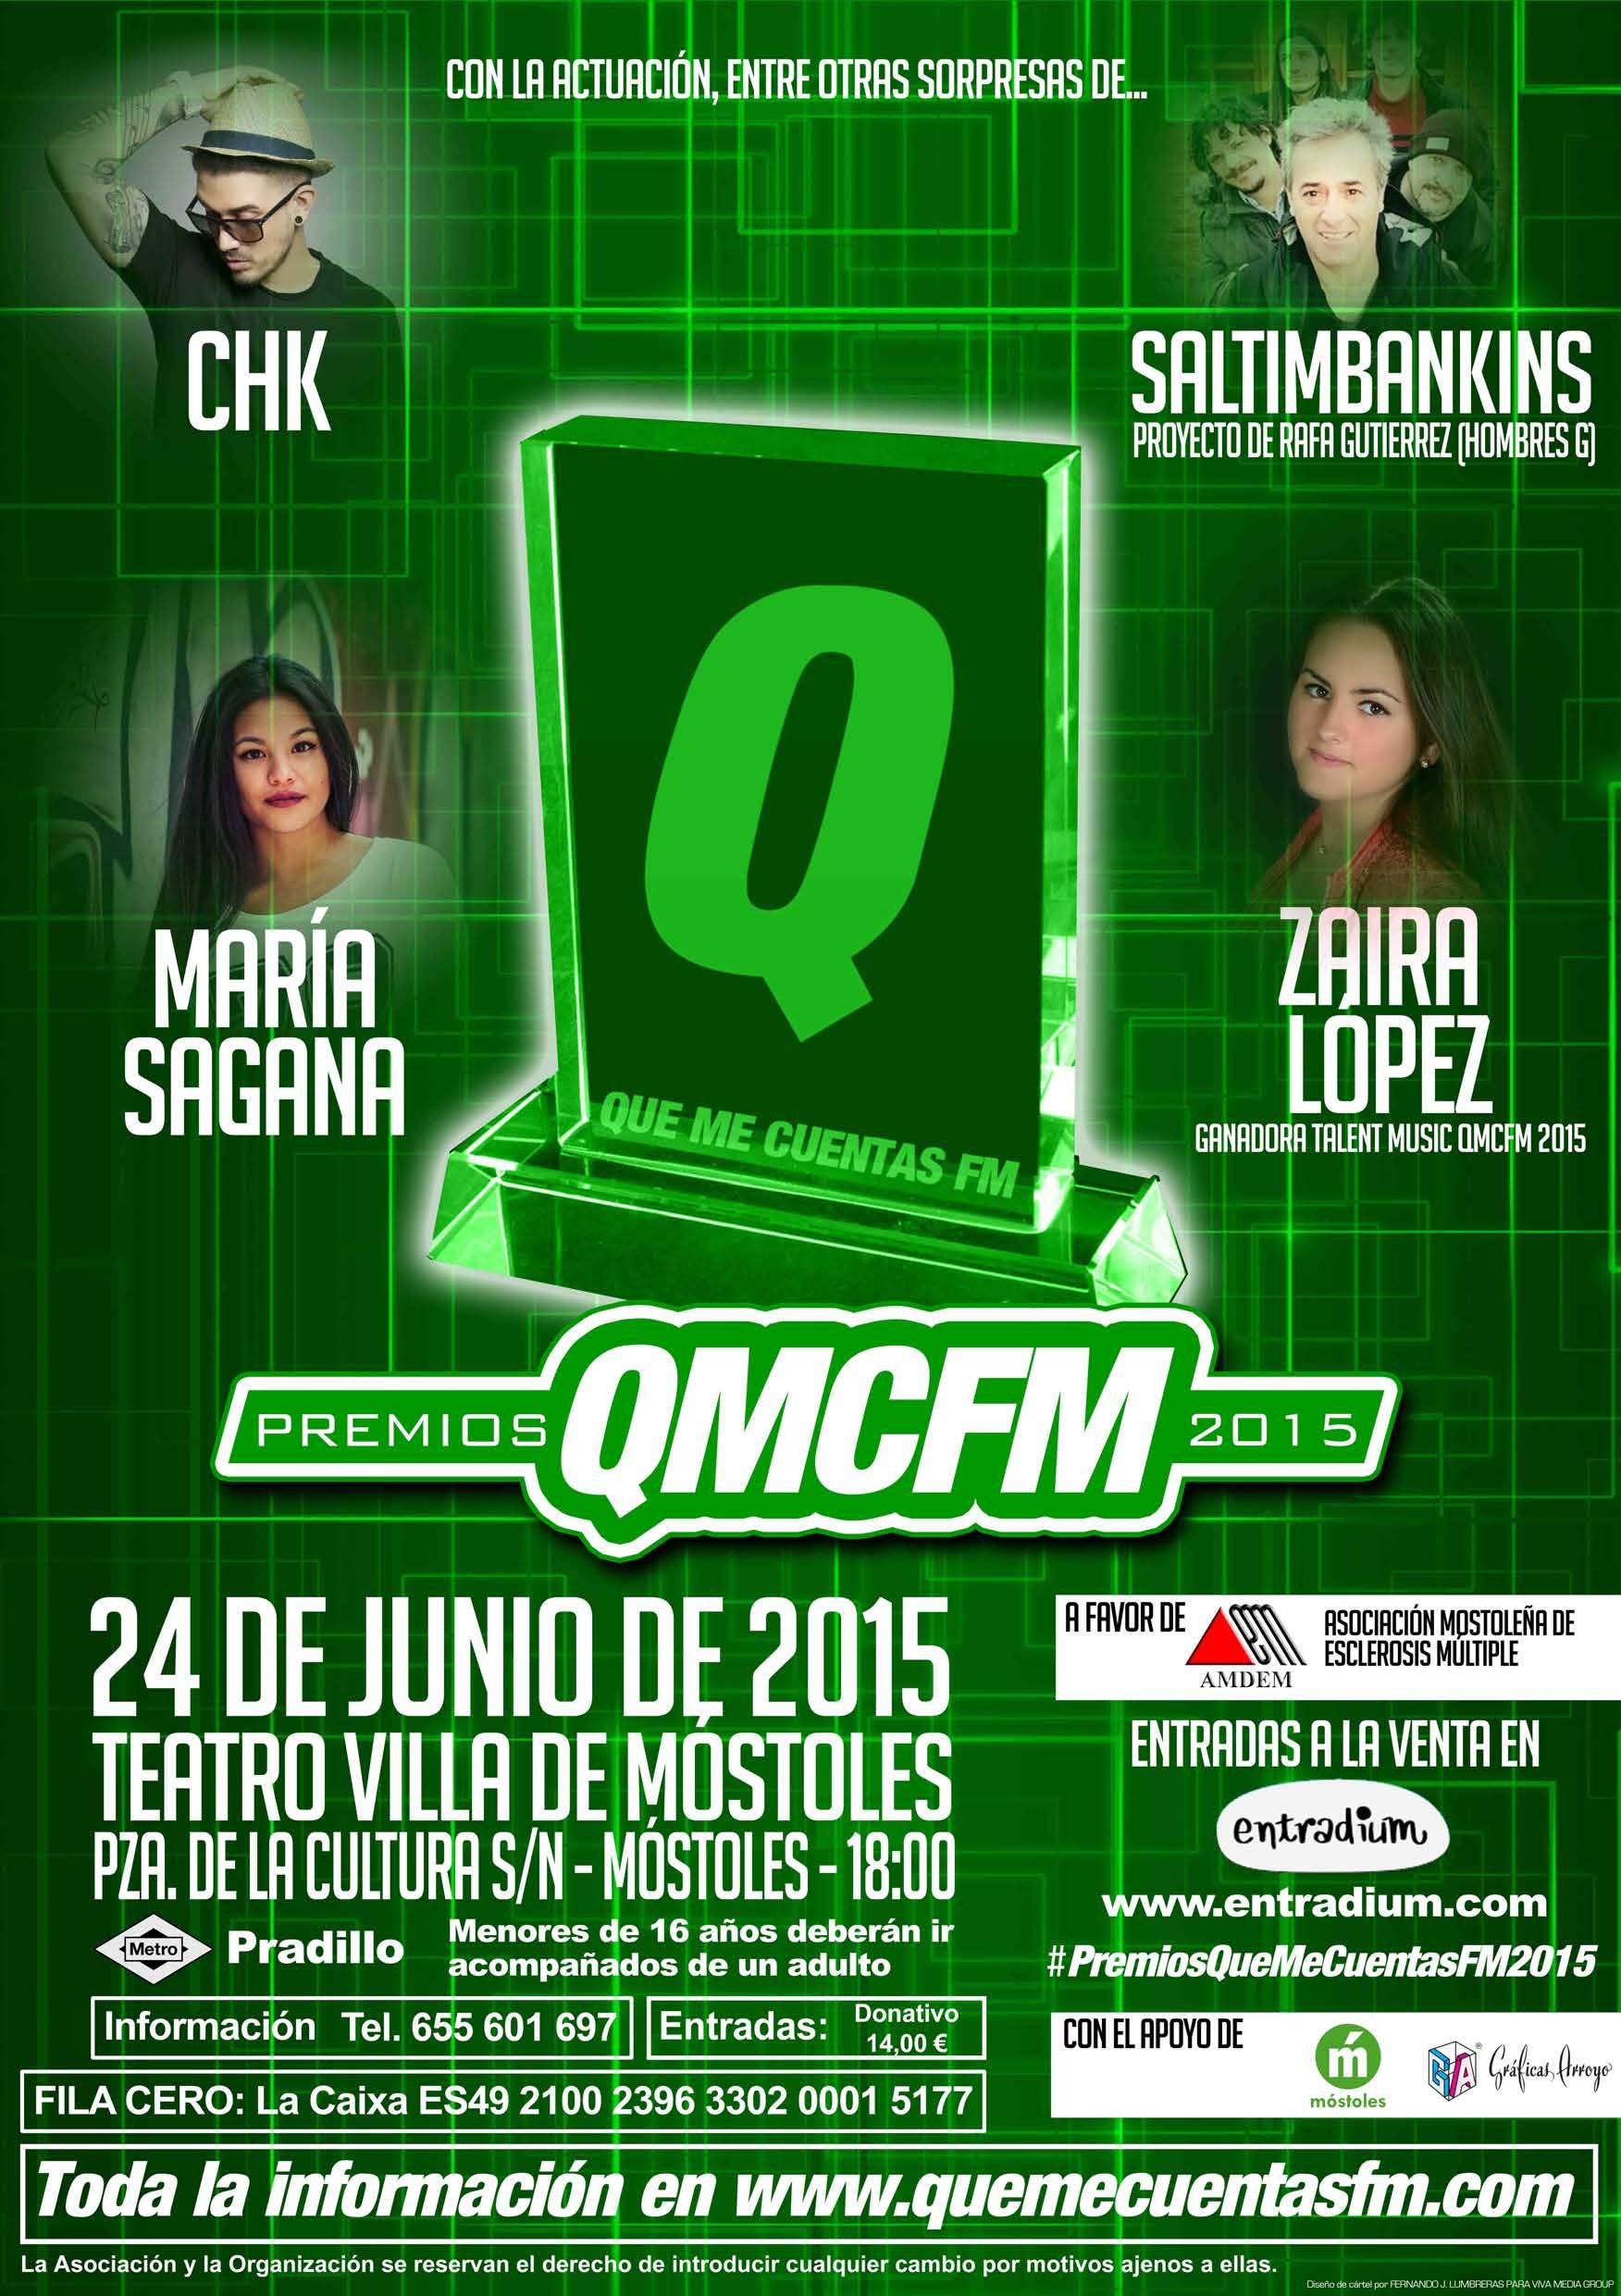 20150624__premiosQMCFM